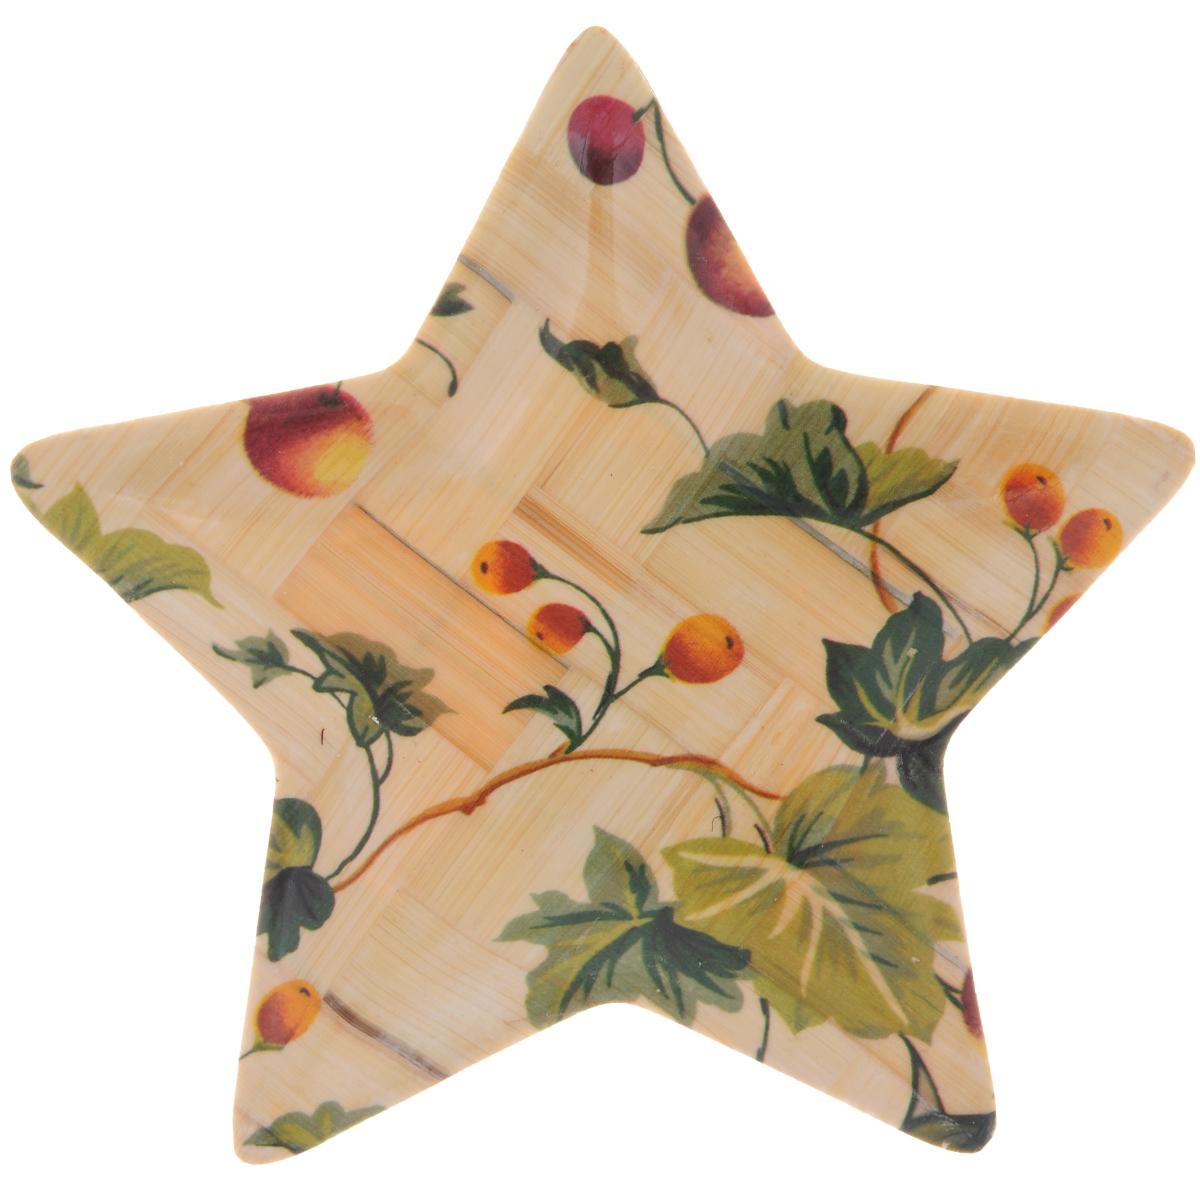 Тарелка Wanxie Звезда, цвет: бежевый, зеленый, 13,5 x 13,5 х 1 смWH-701S_бежевый, зеленыйТарелка Wanxie Звезда изготовлена из бамбука в виде звезды. Блюдо прекрасно подходит для того, чтобы подавать небольшие кусочки фруктов, ягоды и многое другое. Невероятно легкое, но в то же время крепкое и экологически чистое блюдо - незаменимый и очень полезный аксессуар на кухне, а благодаря нежной расцветке подойдет к любому интерьеру. Посуда из бамбука - интересное решение для создания эксклюзивных и стильных кухонных интерьеров. Бамбук экологичен и безопасен для здоровья, не боится влаги, устойчив к перепадам температуры. Несмотря на легкость и изящество, изделие прочно и долговечно. Посуда из бамбука проста в уходе и красива. Размер тарелки по верхнему краю: 13,5 х 13,5 см.